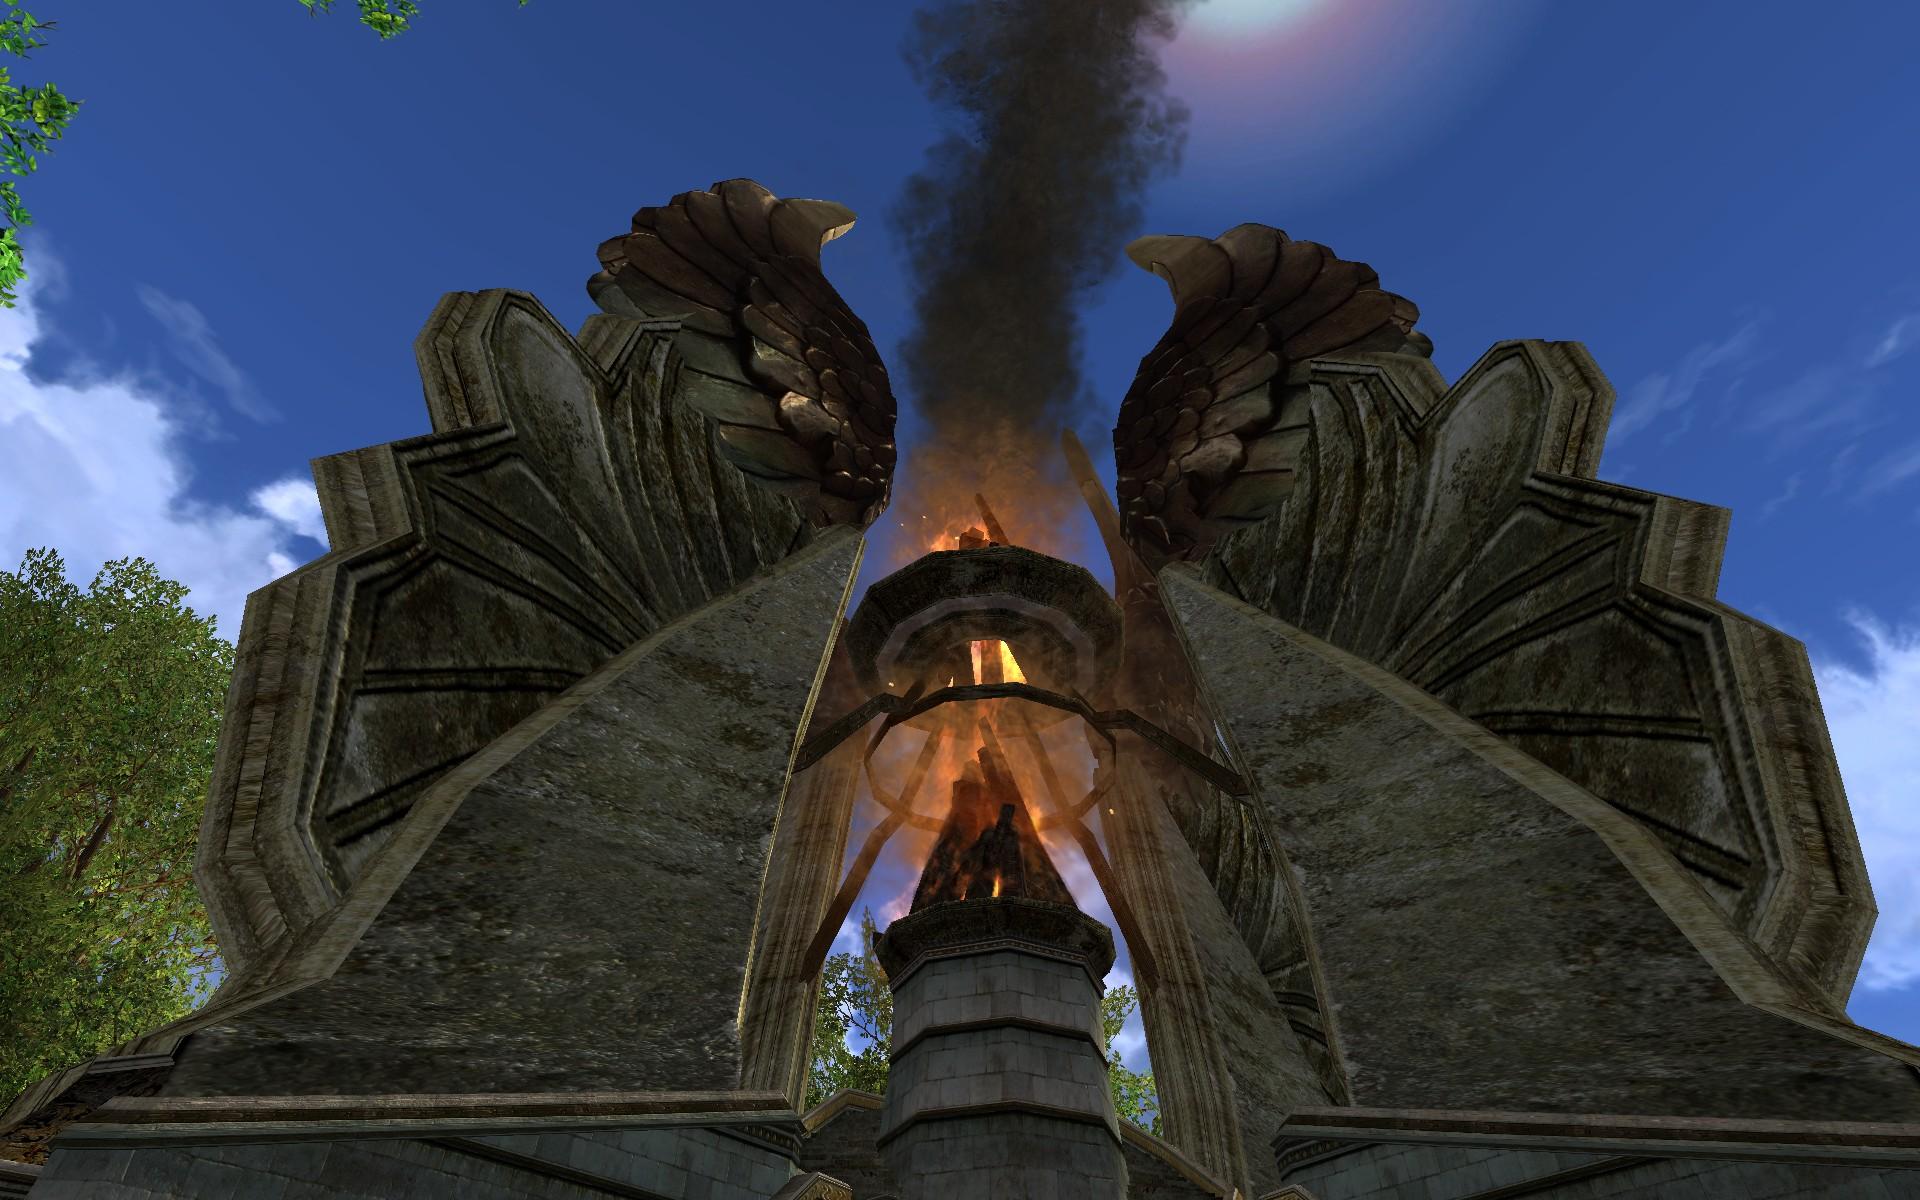 Petit feu d 39 alarme du gondor d co du milieu for Alarme feu maison